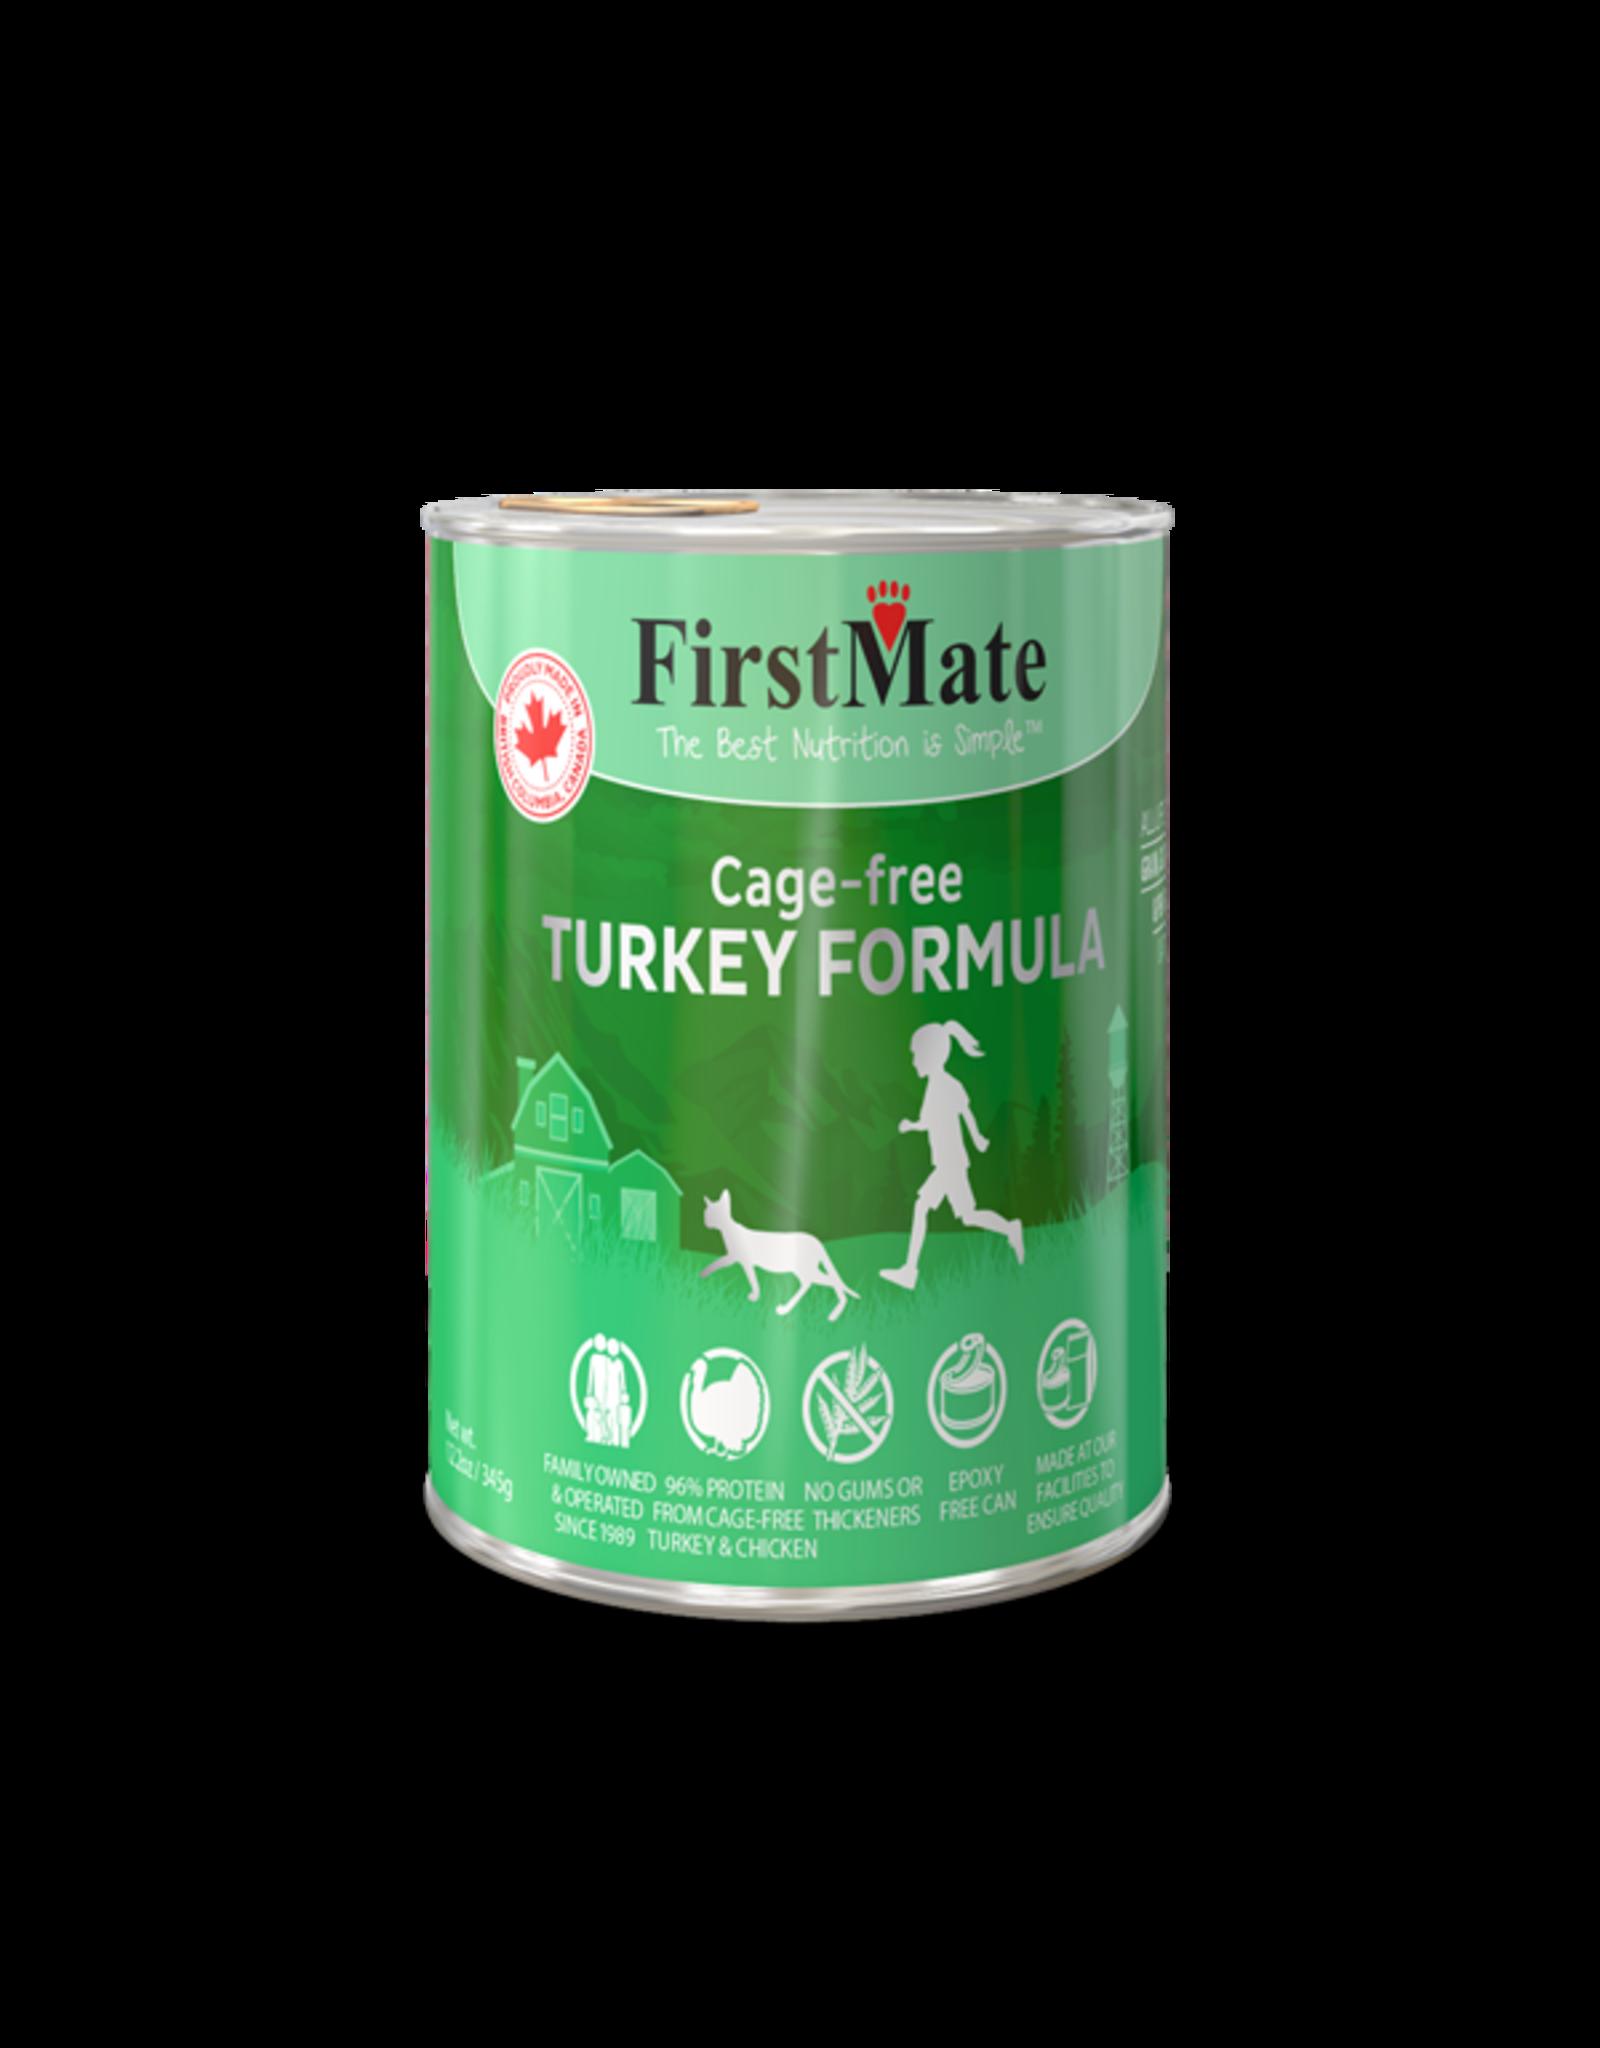 First Mate First Mate Cat Turkey Formula